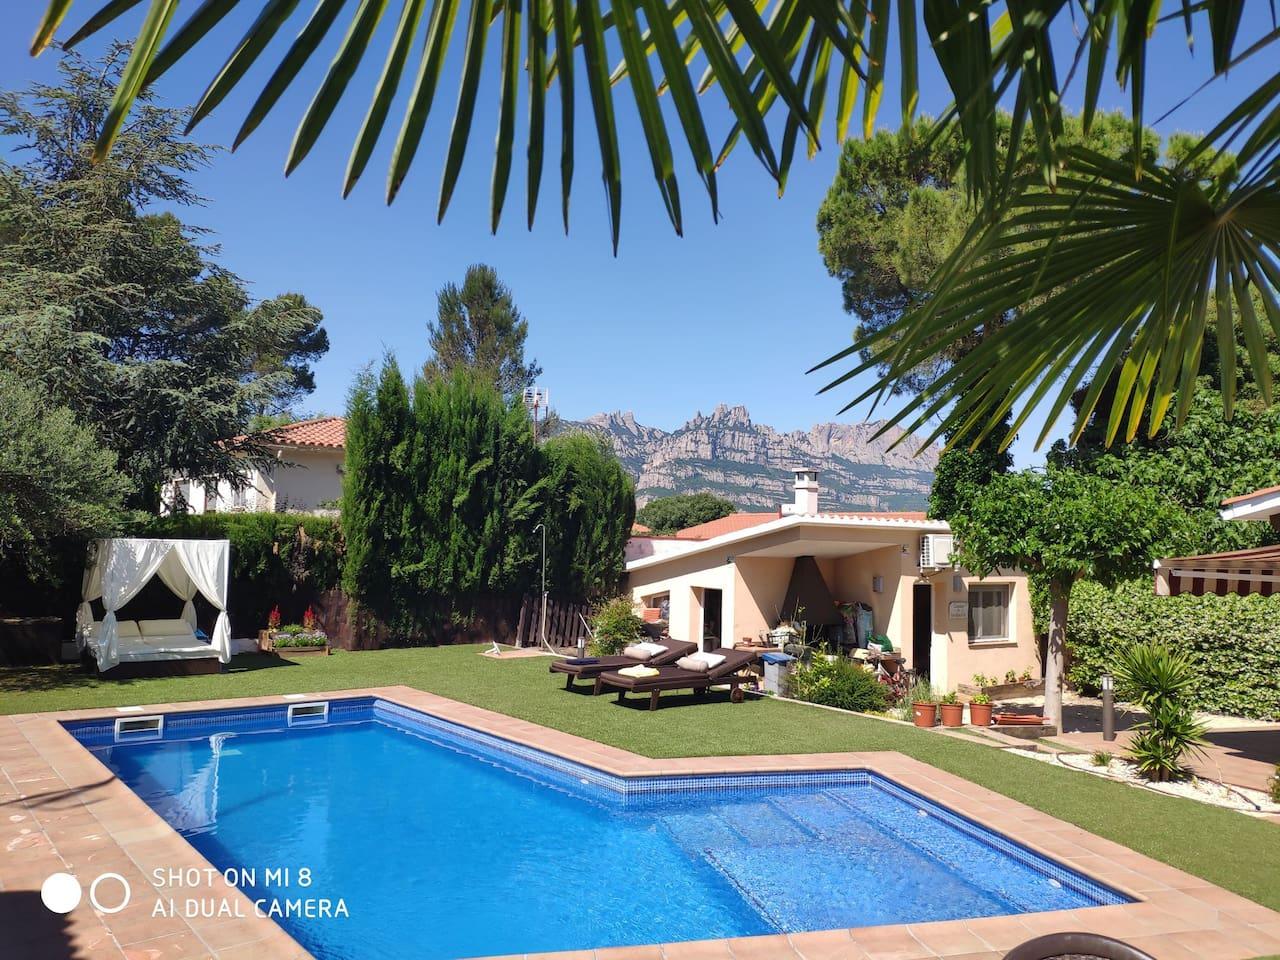 Habitación independiente con baño privado, con acceso a piscina y vistas al Monasterio de Montserrat.